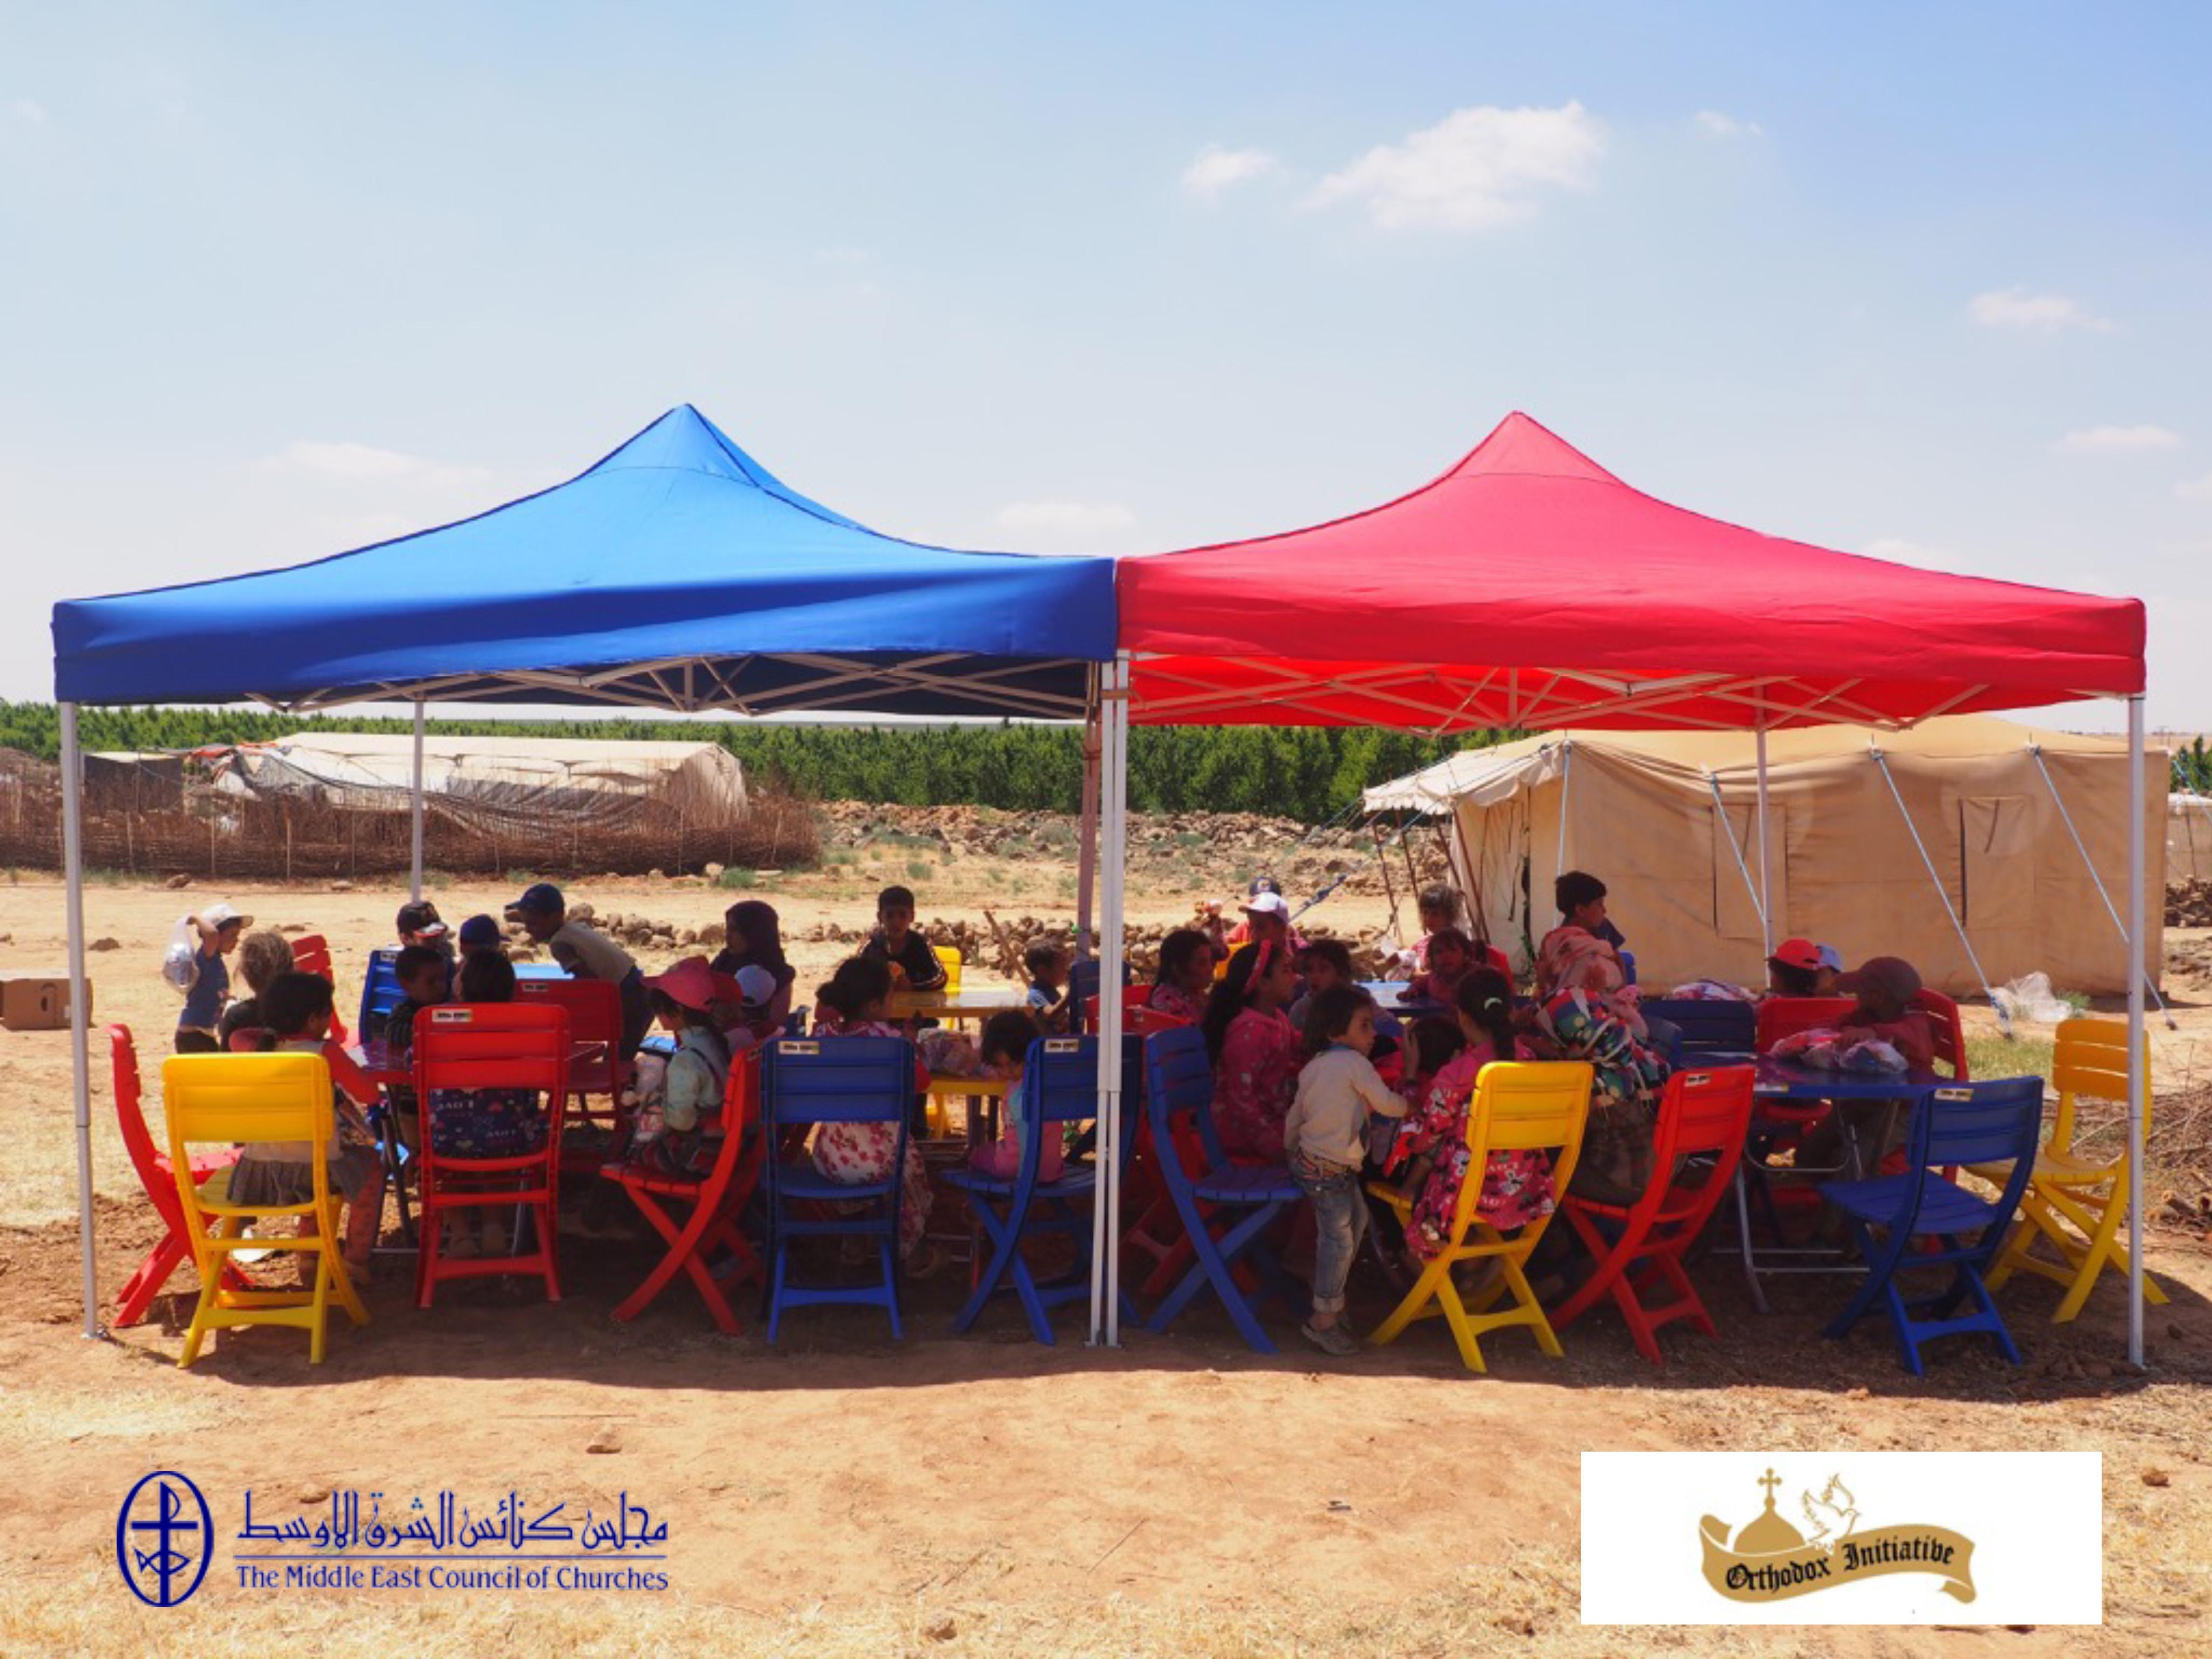 Friendly_spaces_in_the_desert-9.jpg